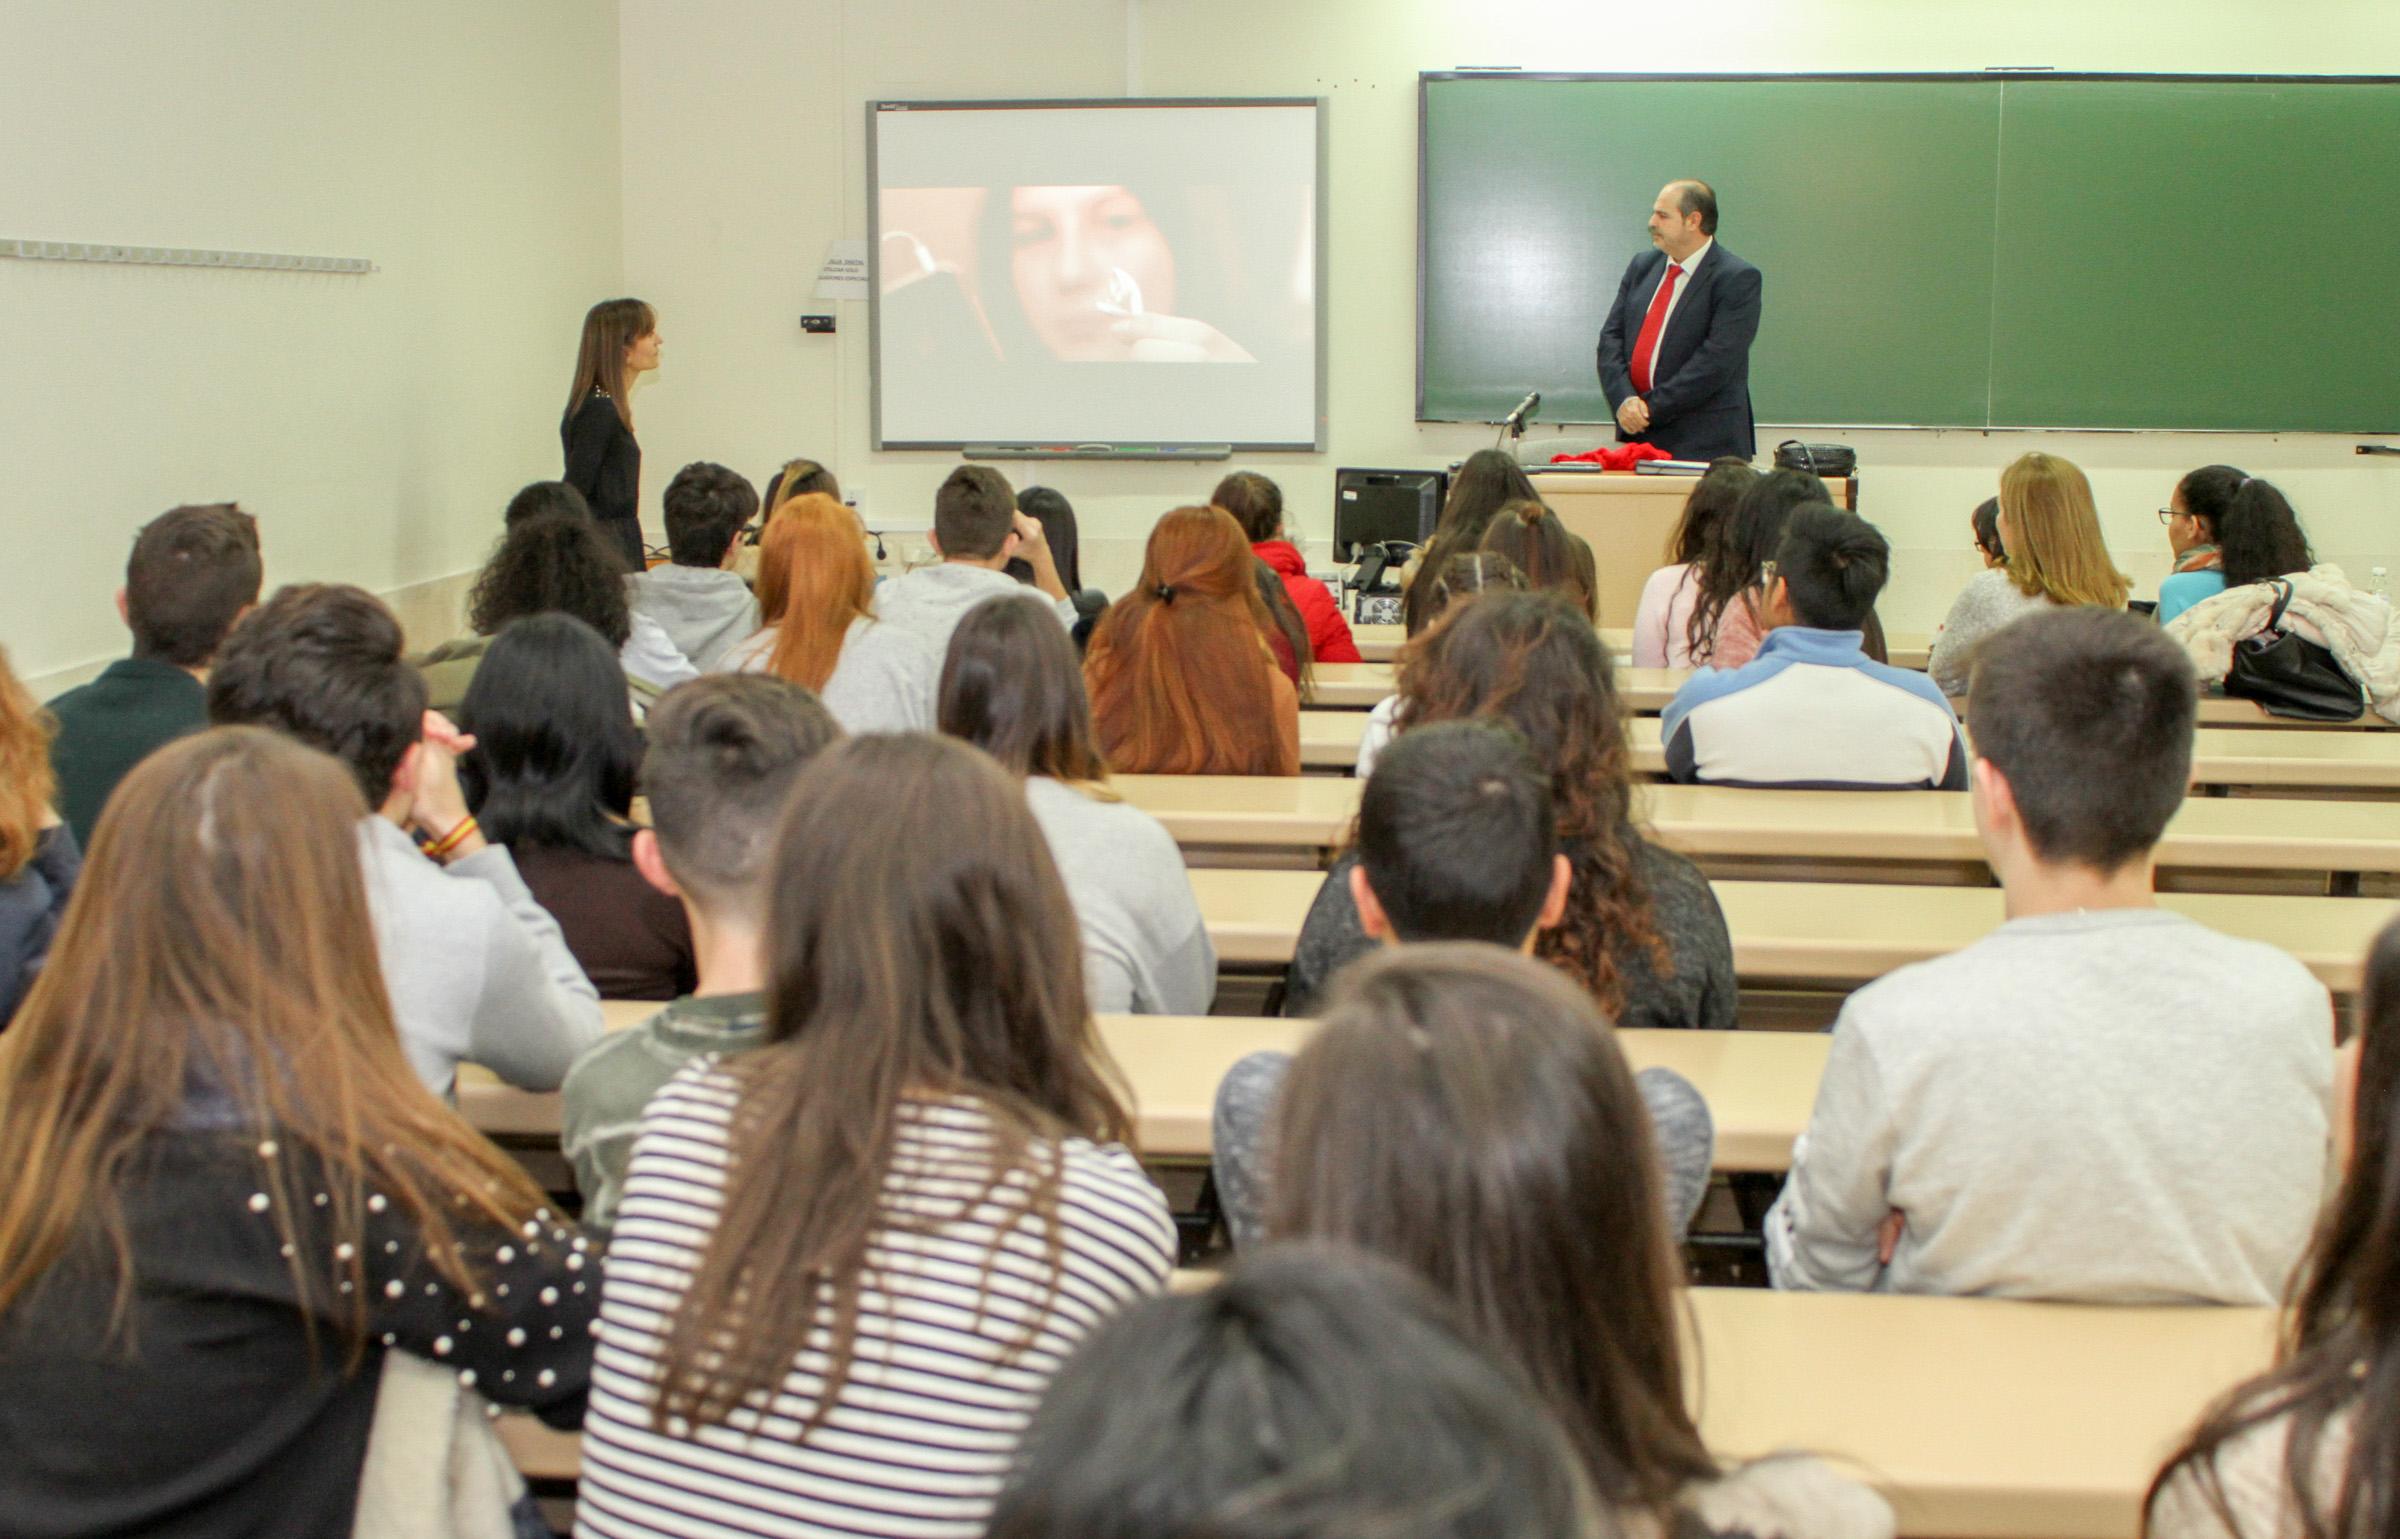 La Facultad de Economía y Empresa acoge una jornada sobre educación financiera para estudiantes de secundaria, bachillerato y ciclos formativos